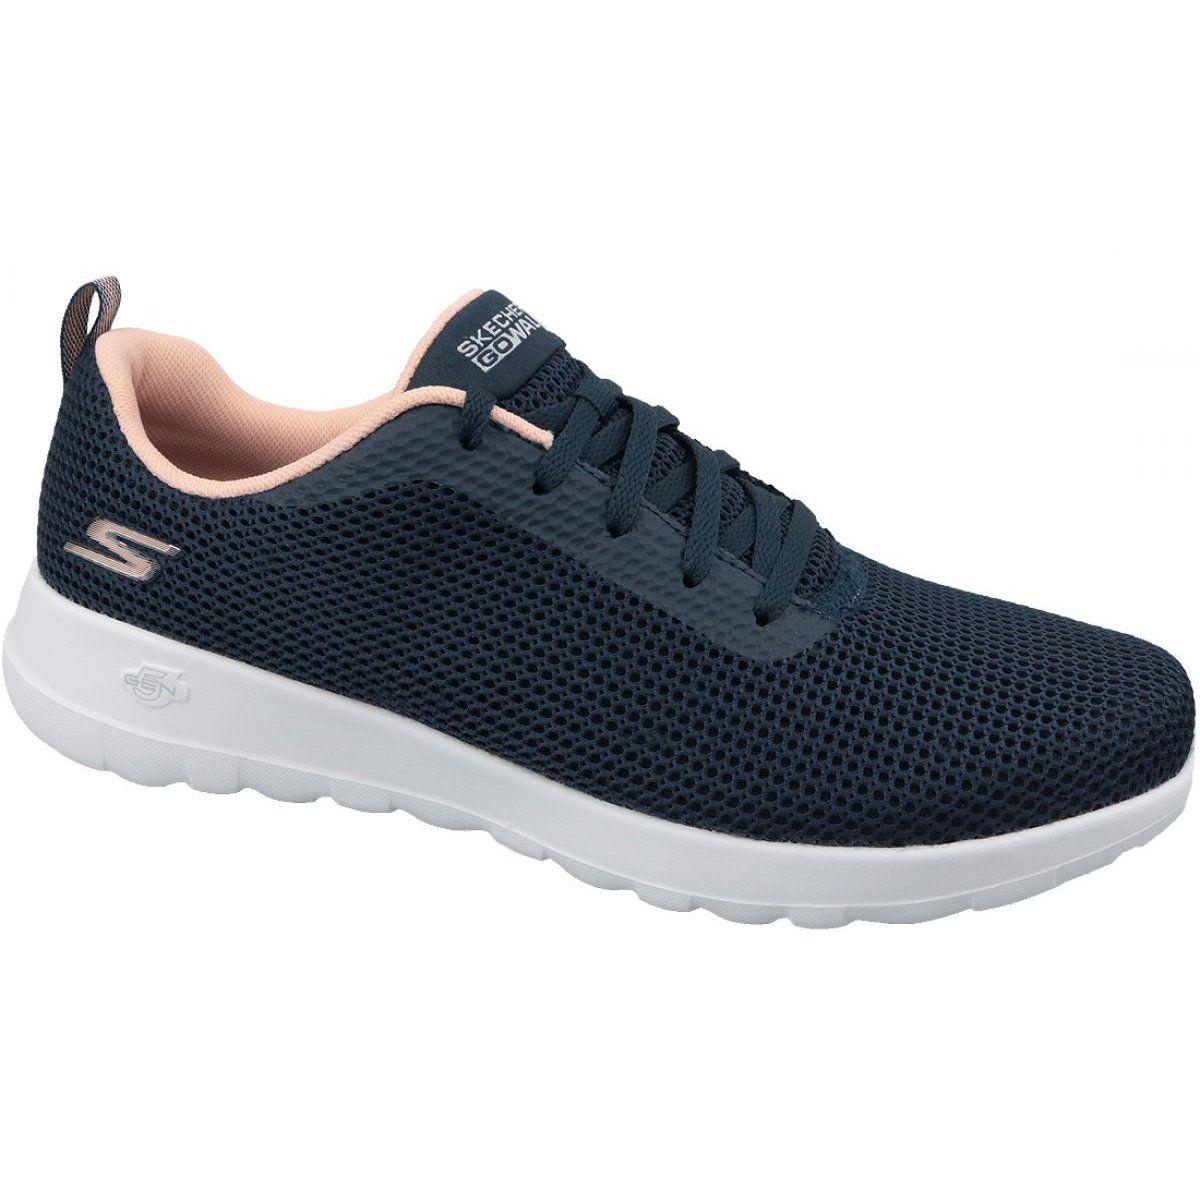 Buty Skechers Go Walk Joy W 15641 Nvpk Granatowe Sketchers Shoes Women Skechers Sport Shoes Women